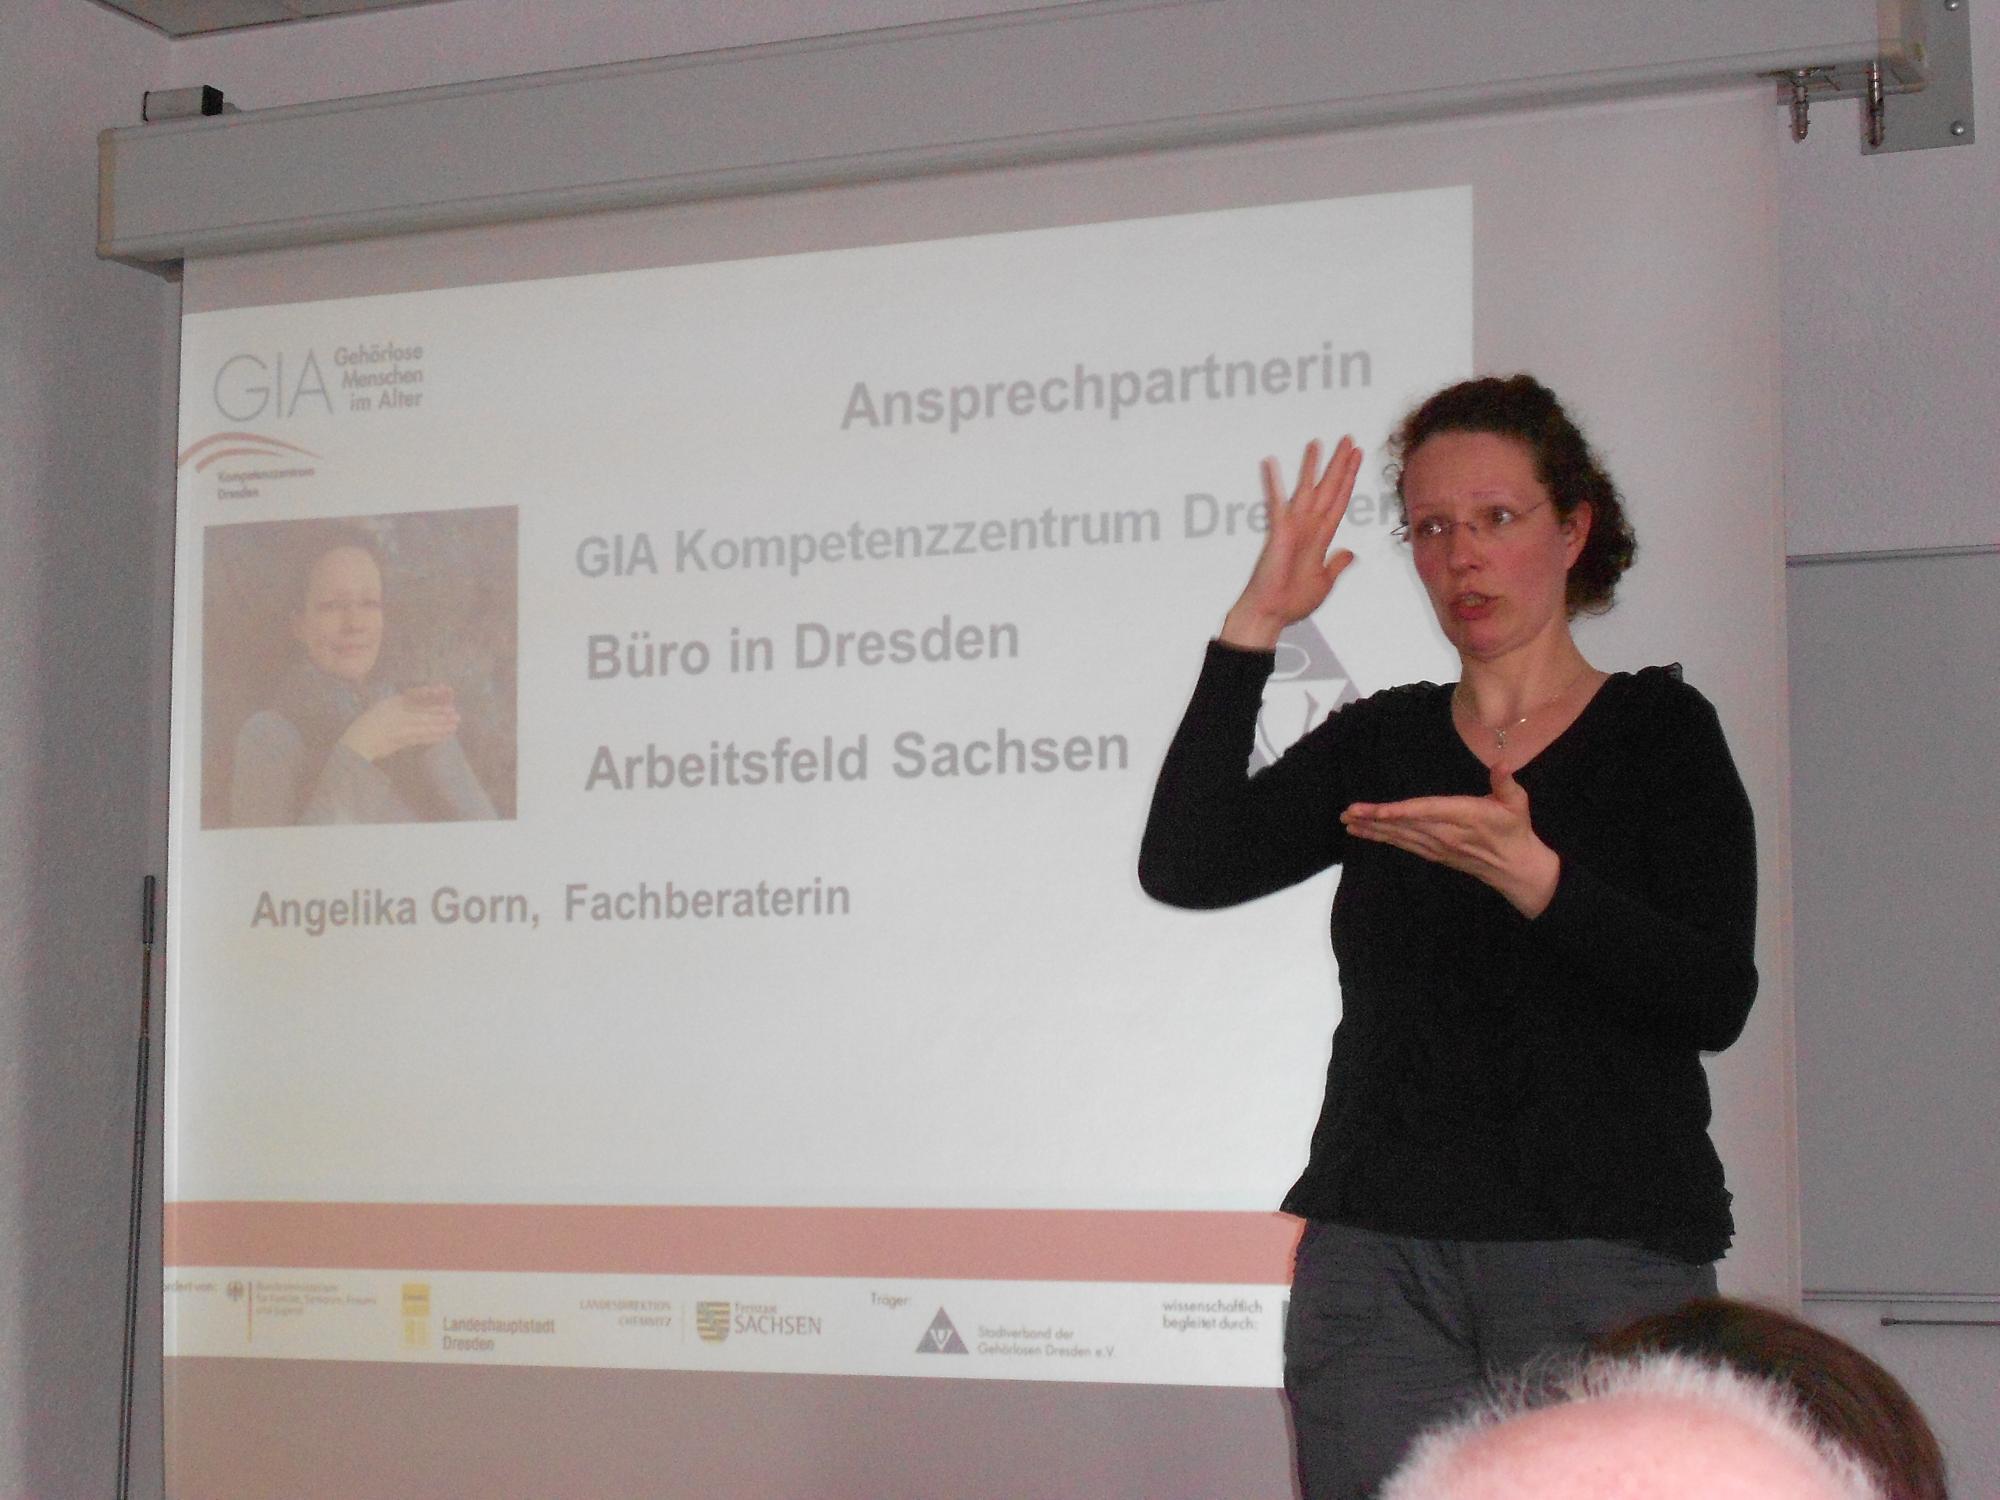 Frau Gorn (Fachberaterin im GIA Kompetenzzentrum Dresden)